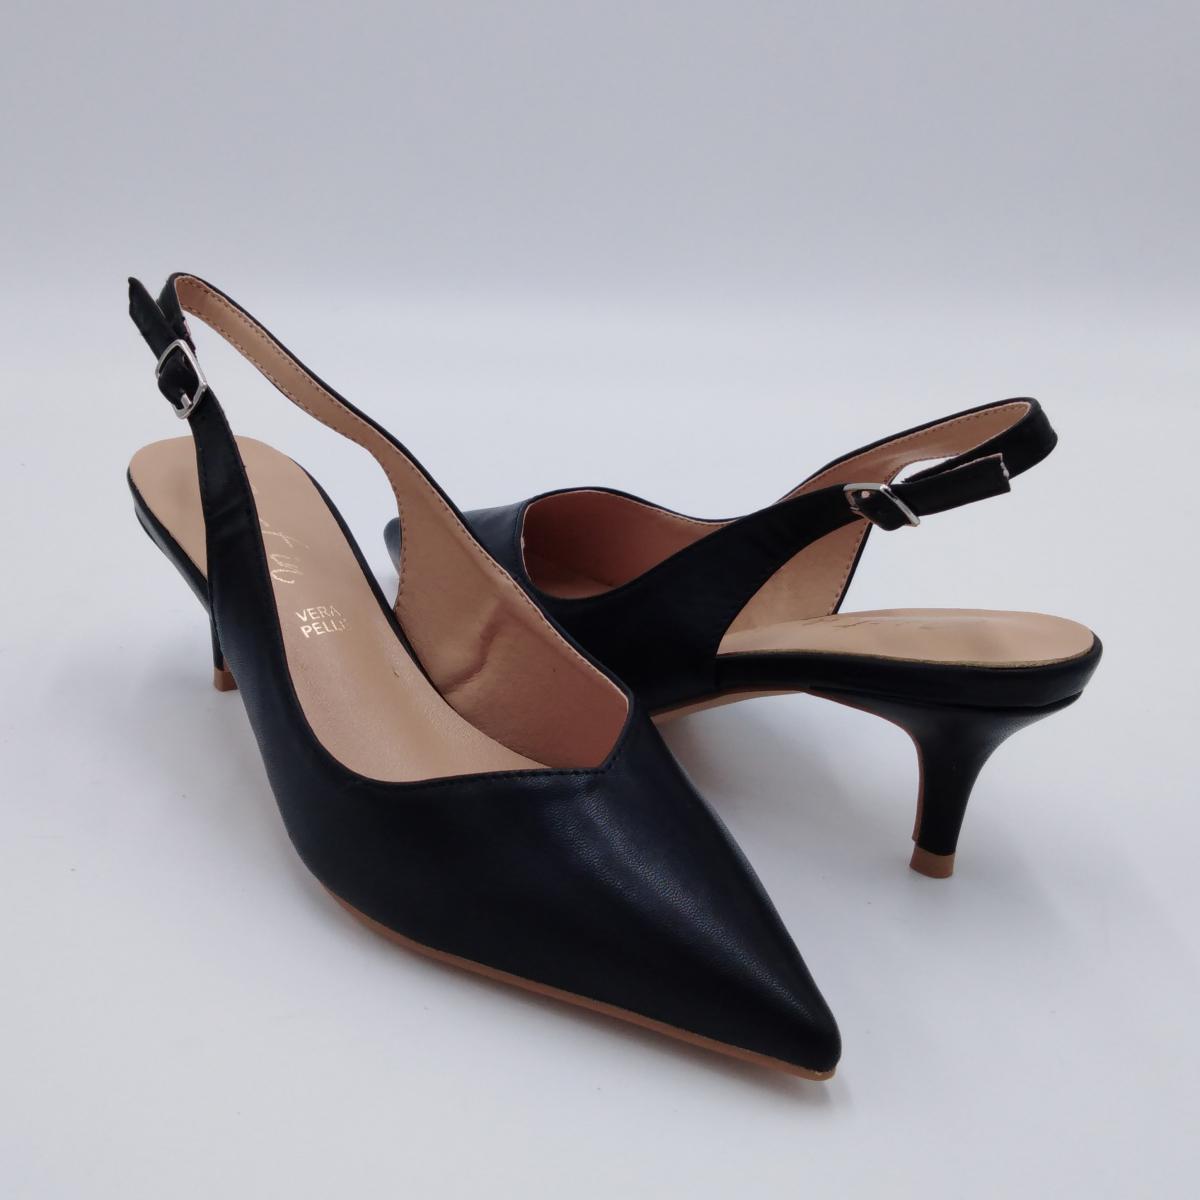 Cristin - Chanel nero tacco...